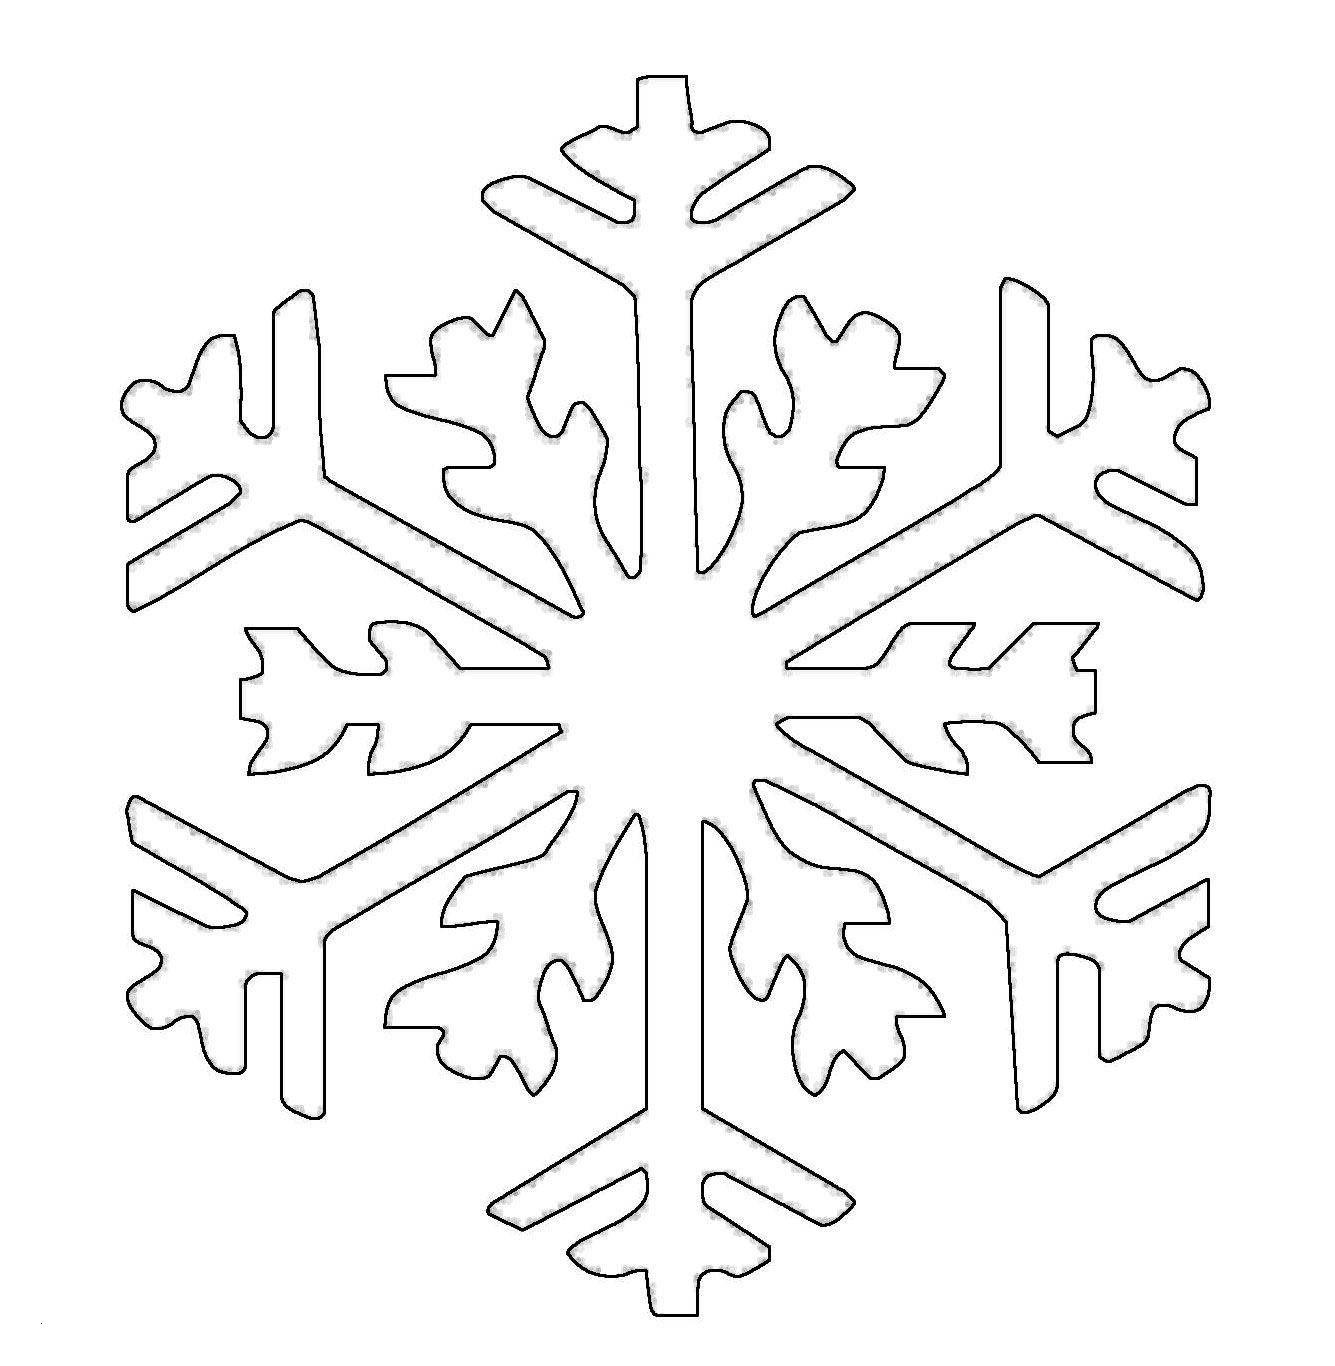 Ausmalbilder Weihnachten Schneeflocke Einzigartig Malvorlagen Winter Elegant Bildergebnis Für Schneeflocken Malvorlage Fotos